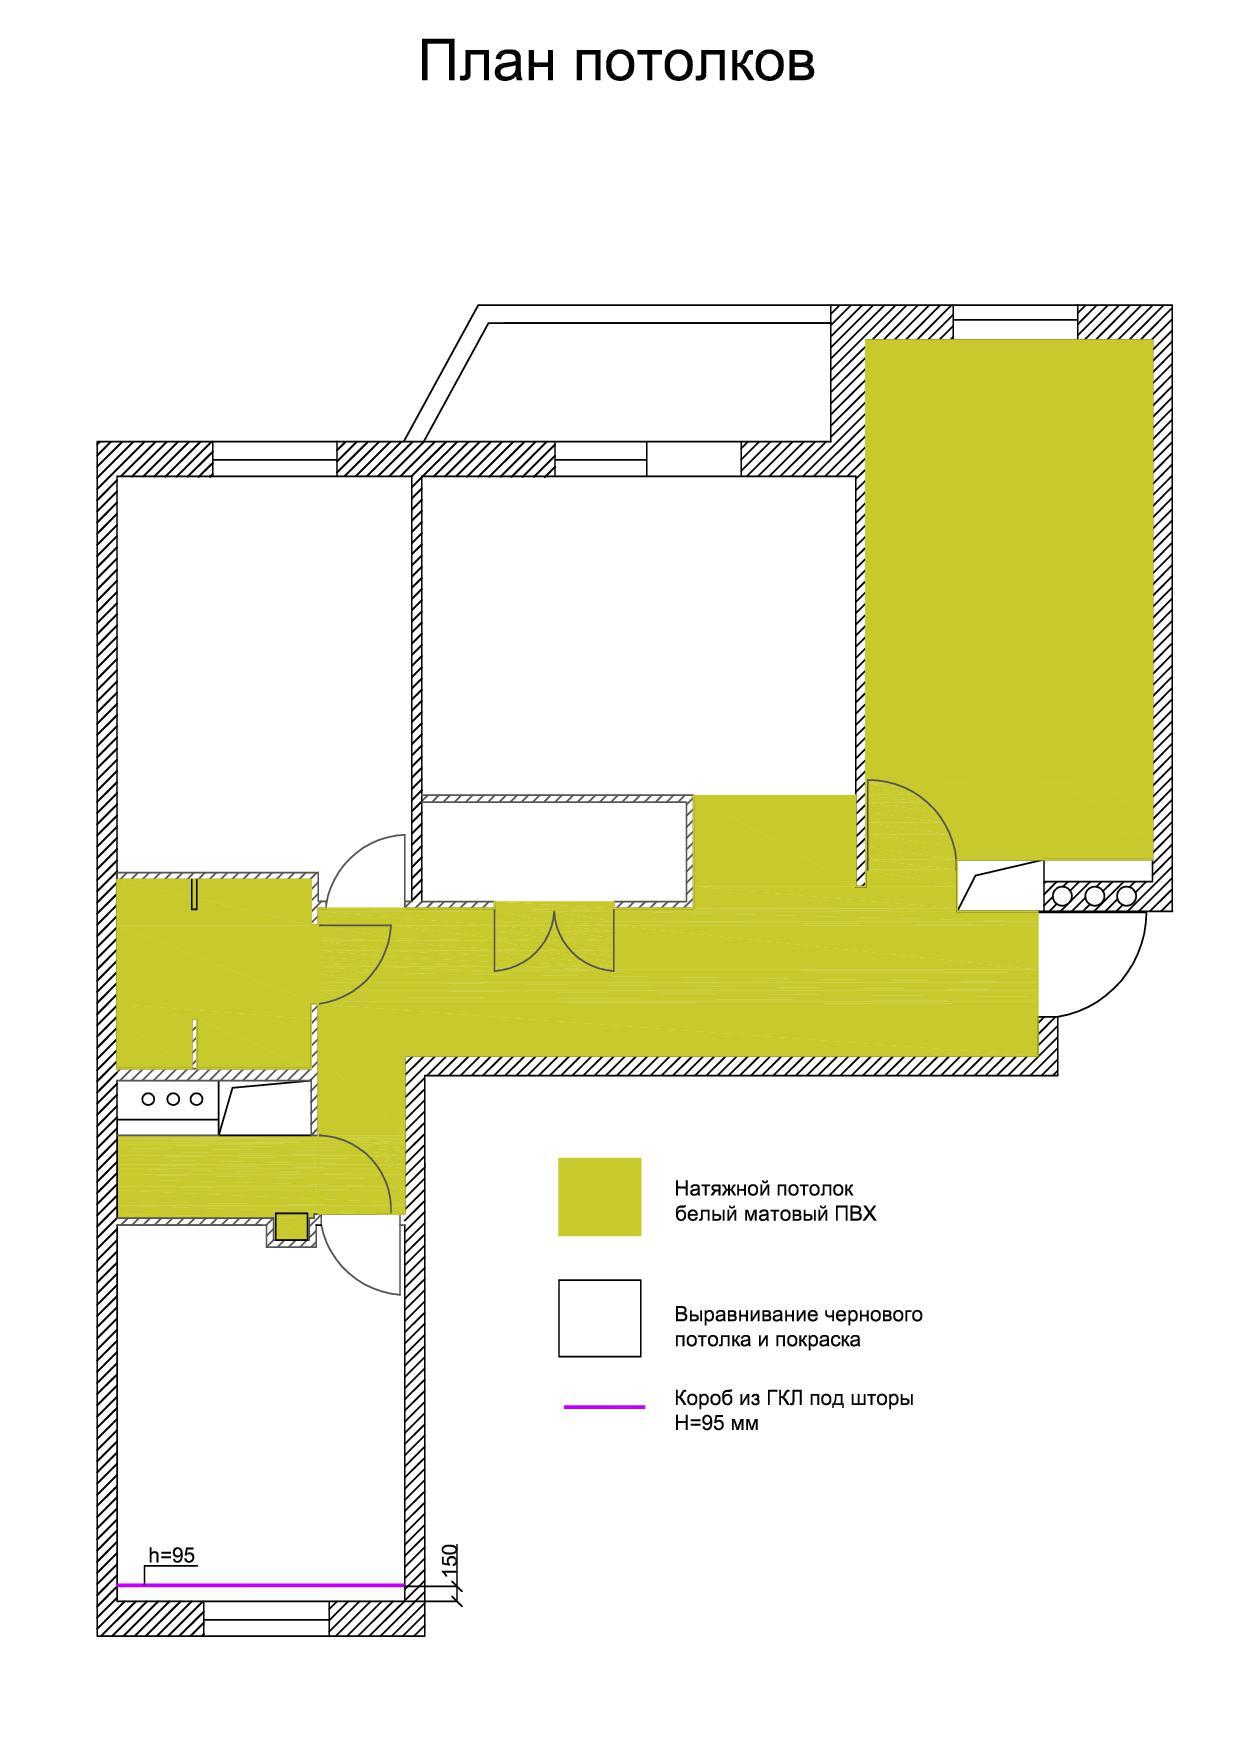 10. План потолков